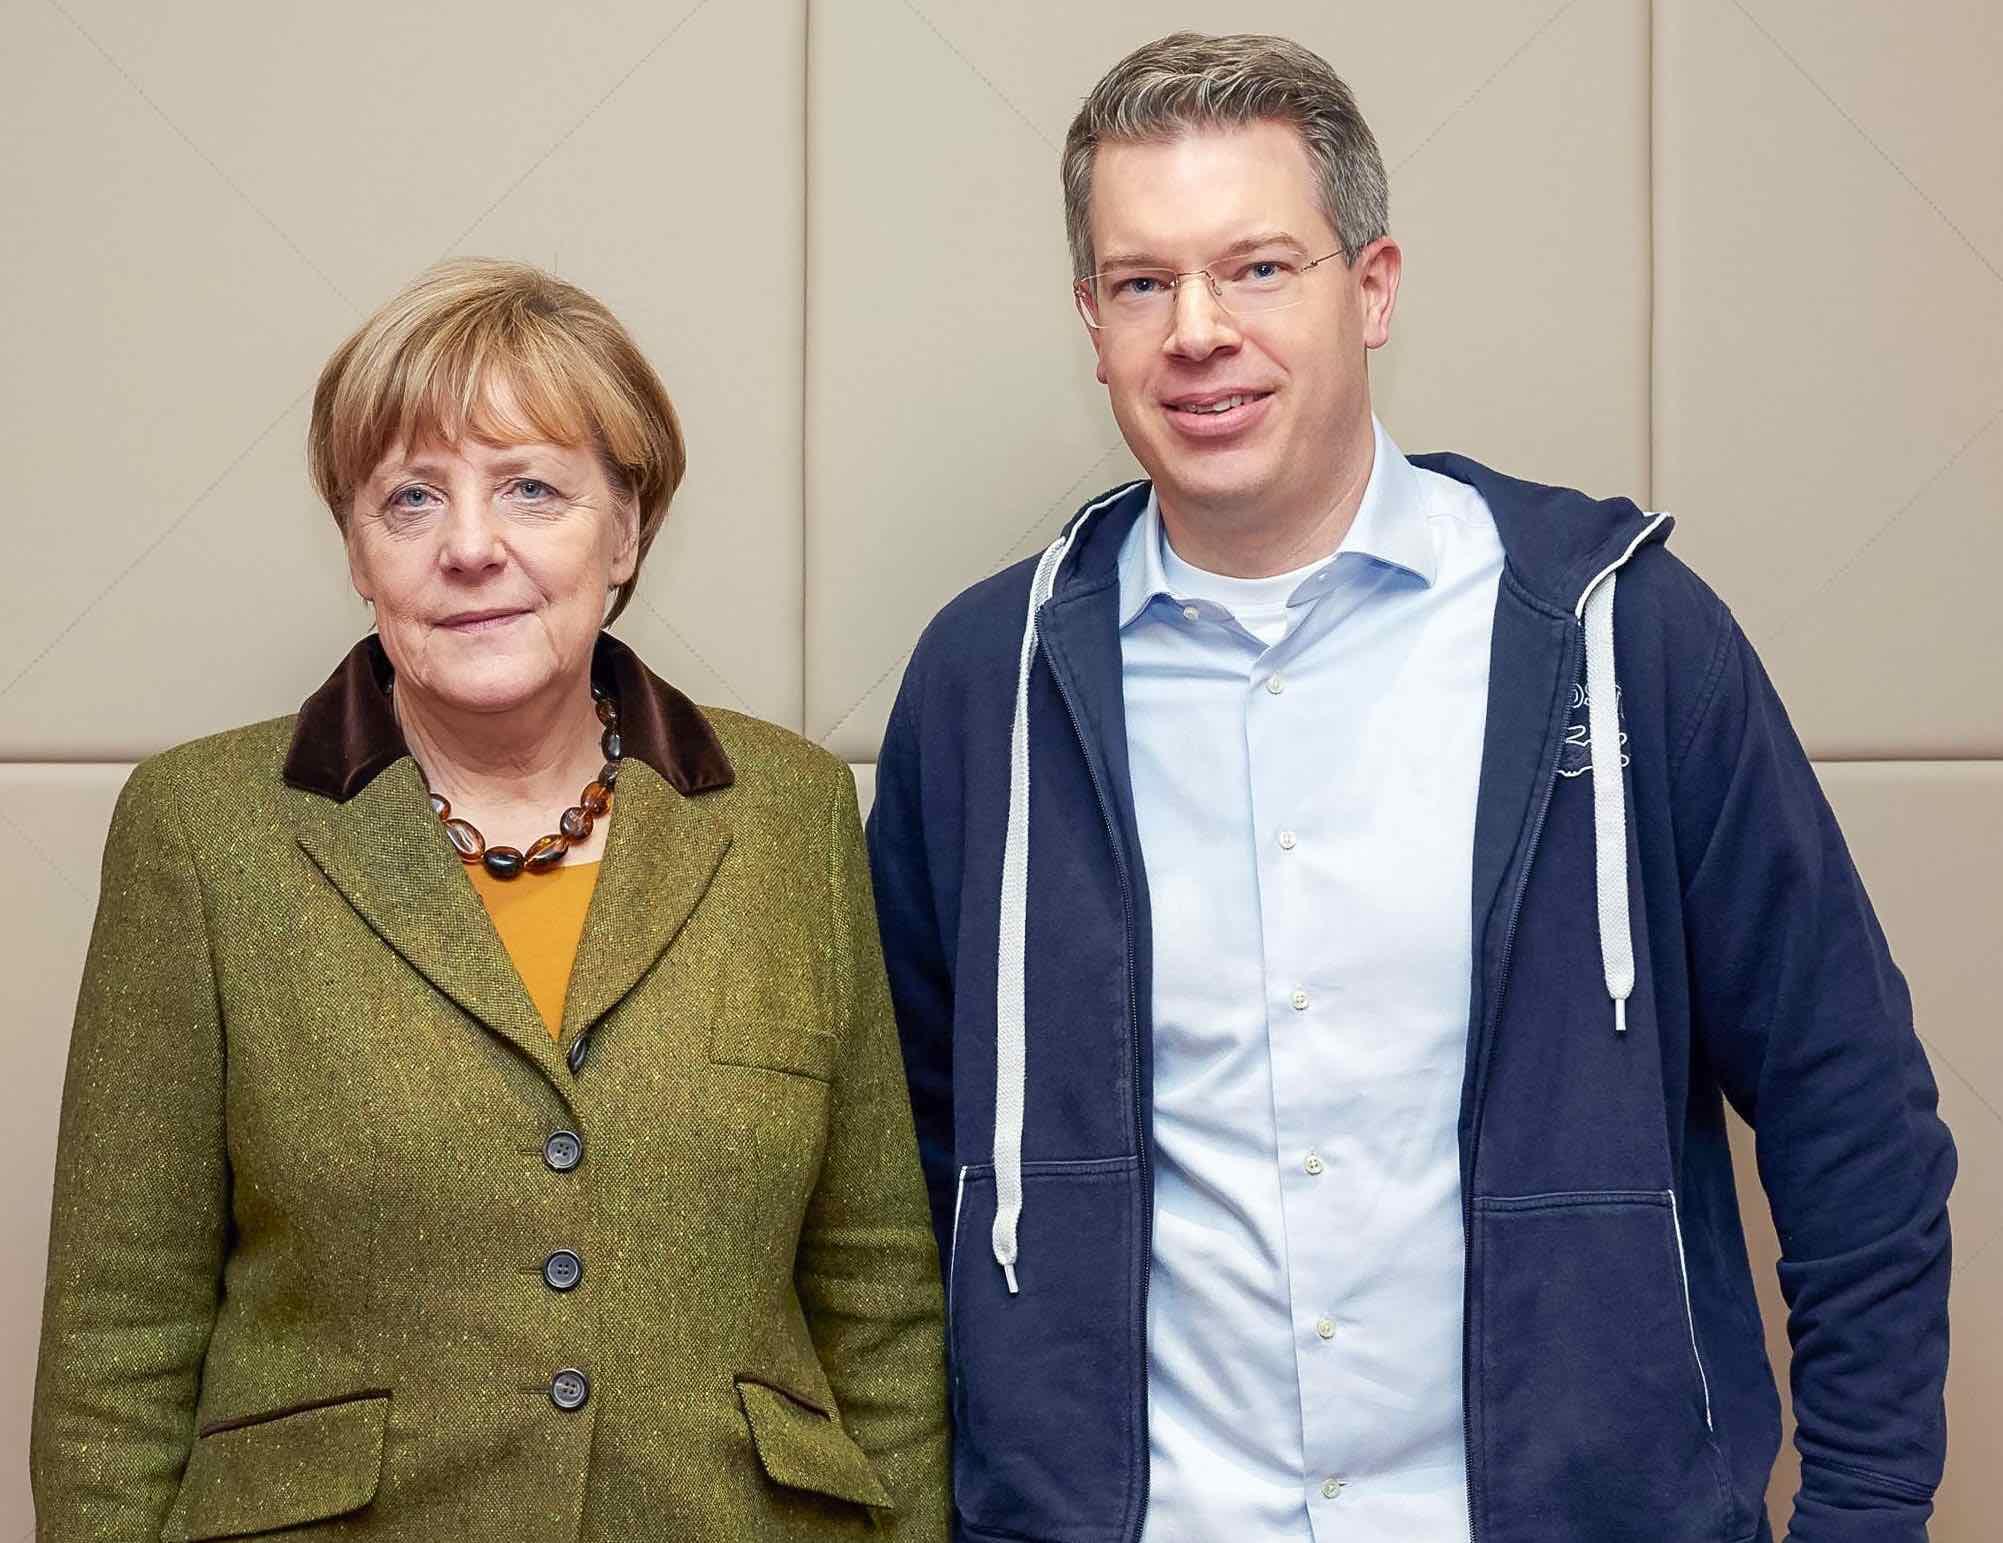 OPT_Founders_Gründer_Geschichte_Frank_Thelen_Angela_Merkel_bild1